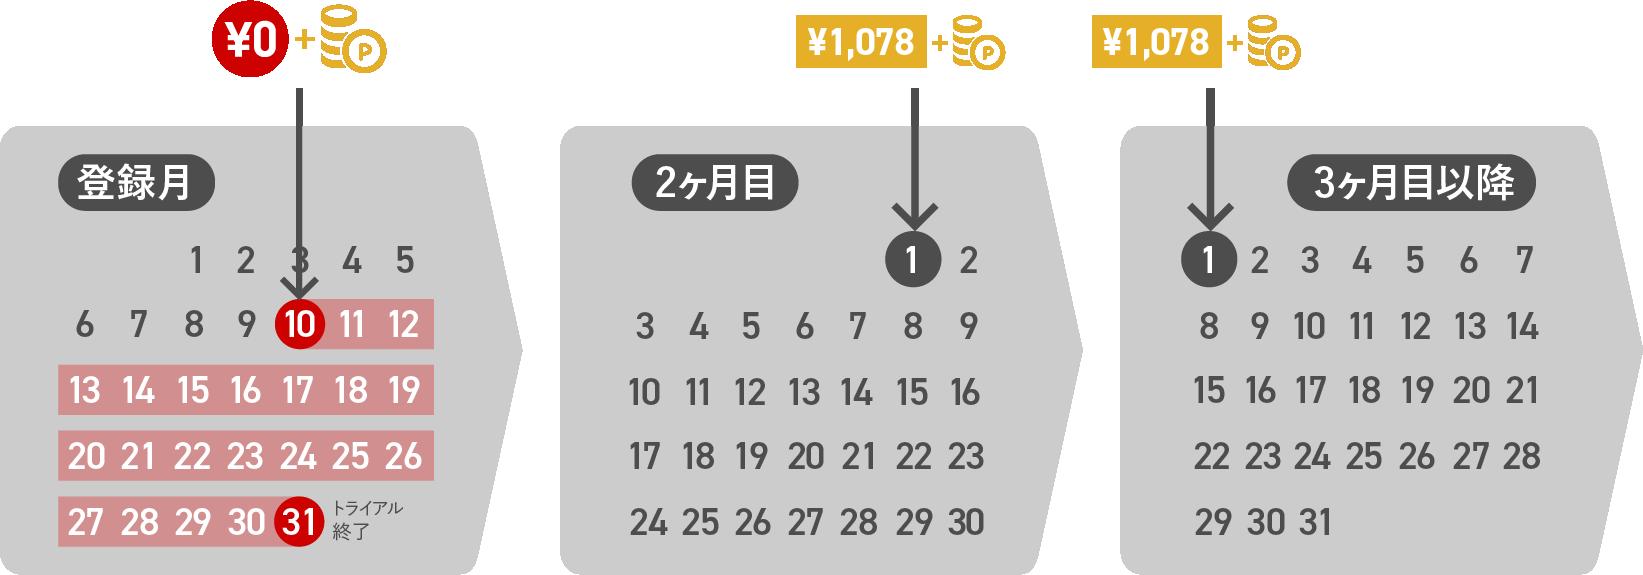 料金とポイントカレンダー